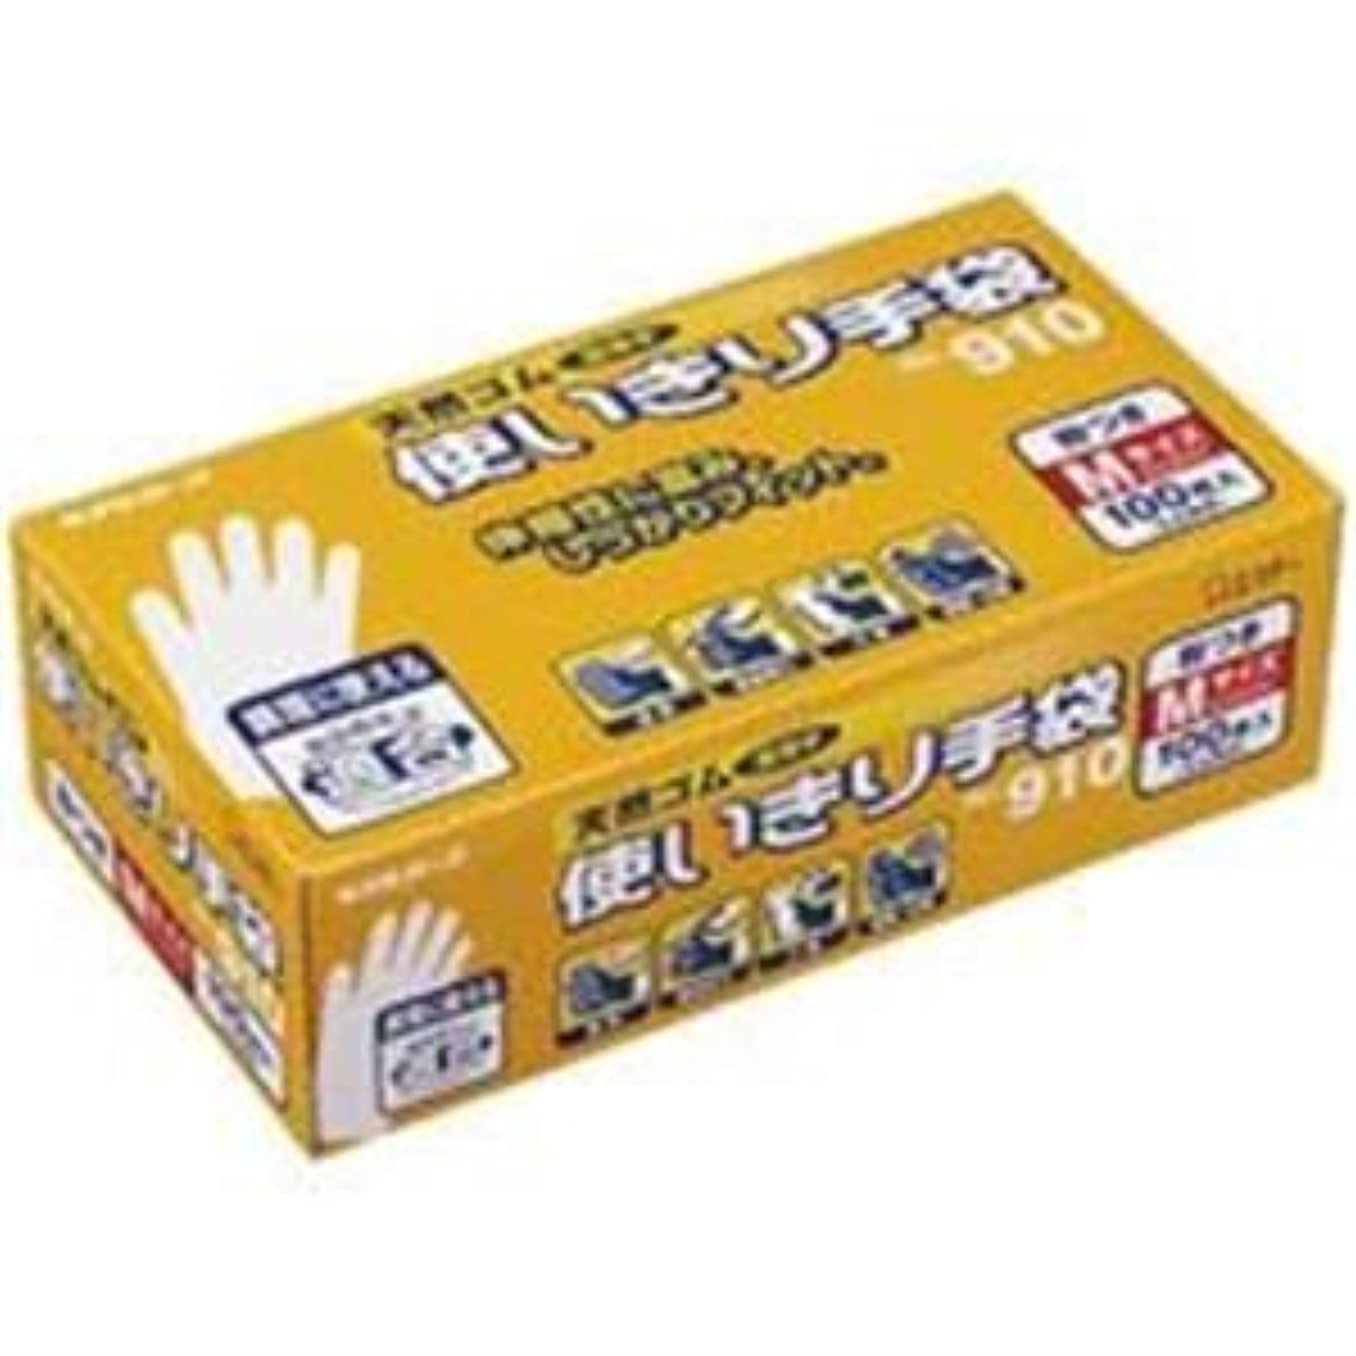 長老鉛筆部分的(業務用3セット)エステー 天然ゴム使い切り手袋/作業用手袋 【No.910/L 1箱】 [簡易パッケージ品]